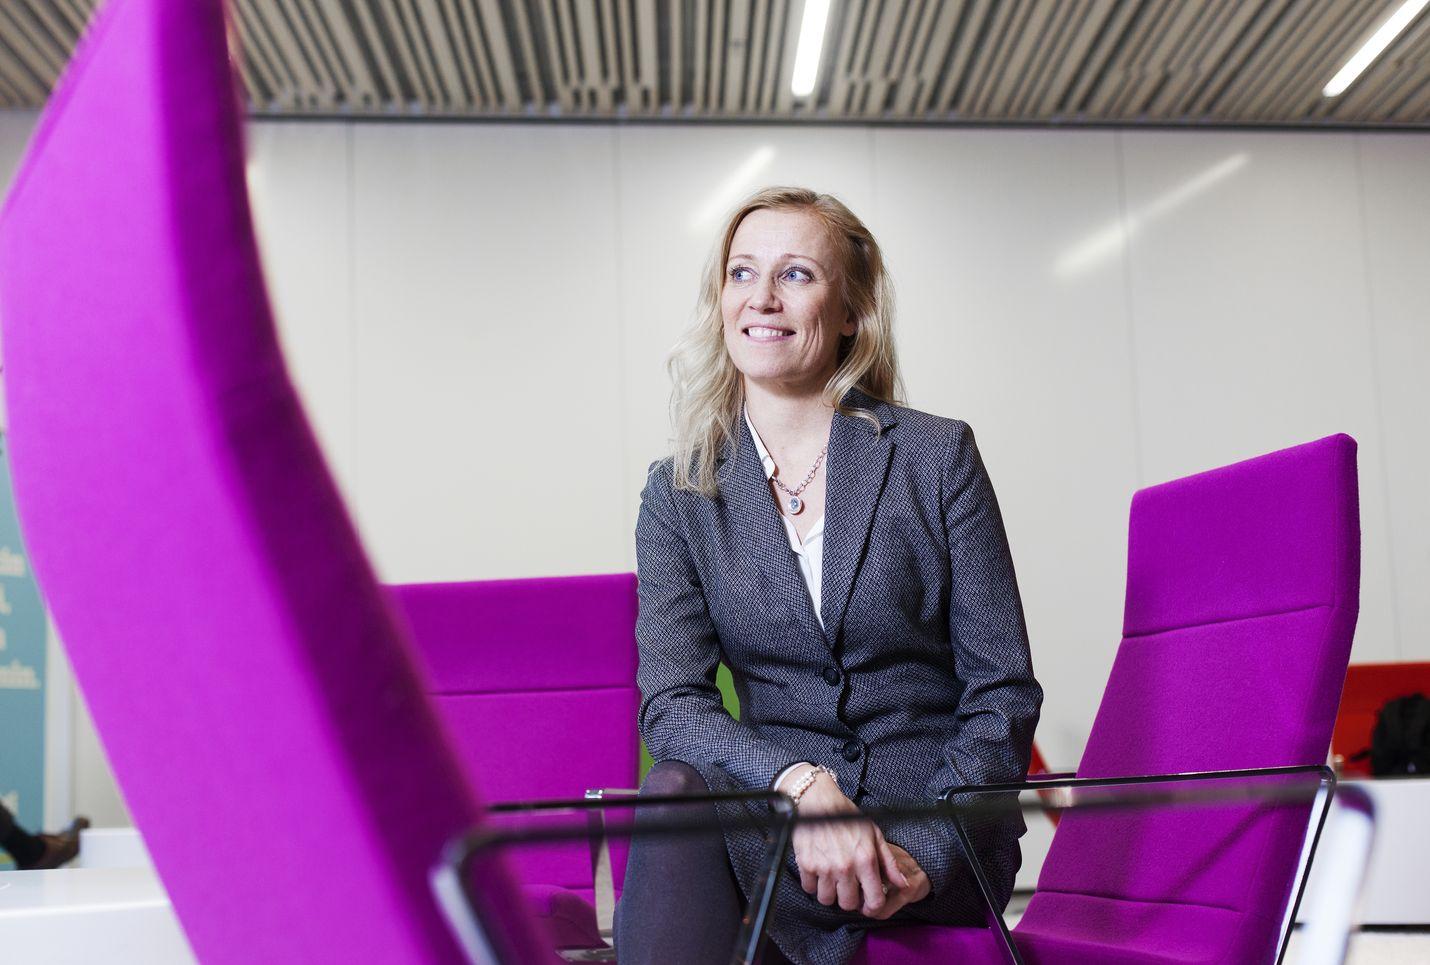 STTK:n edunvalvonnan johtaja Katarina Murto sanoo, ettei Suomessa ole tarvetta kirjata minimipalkkoja lakiin.